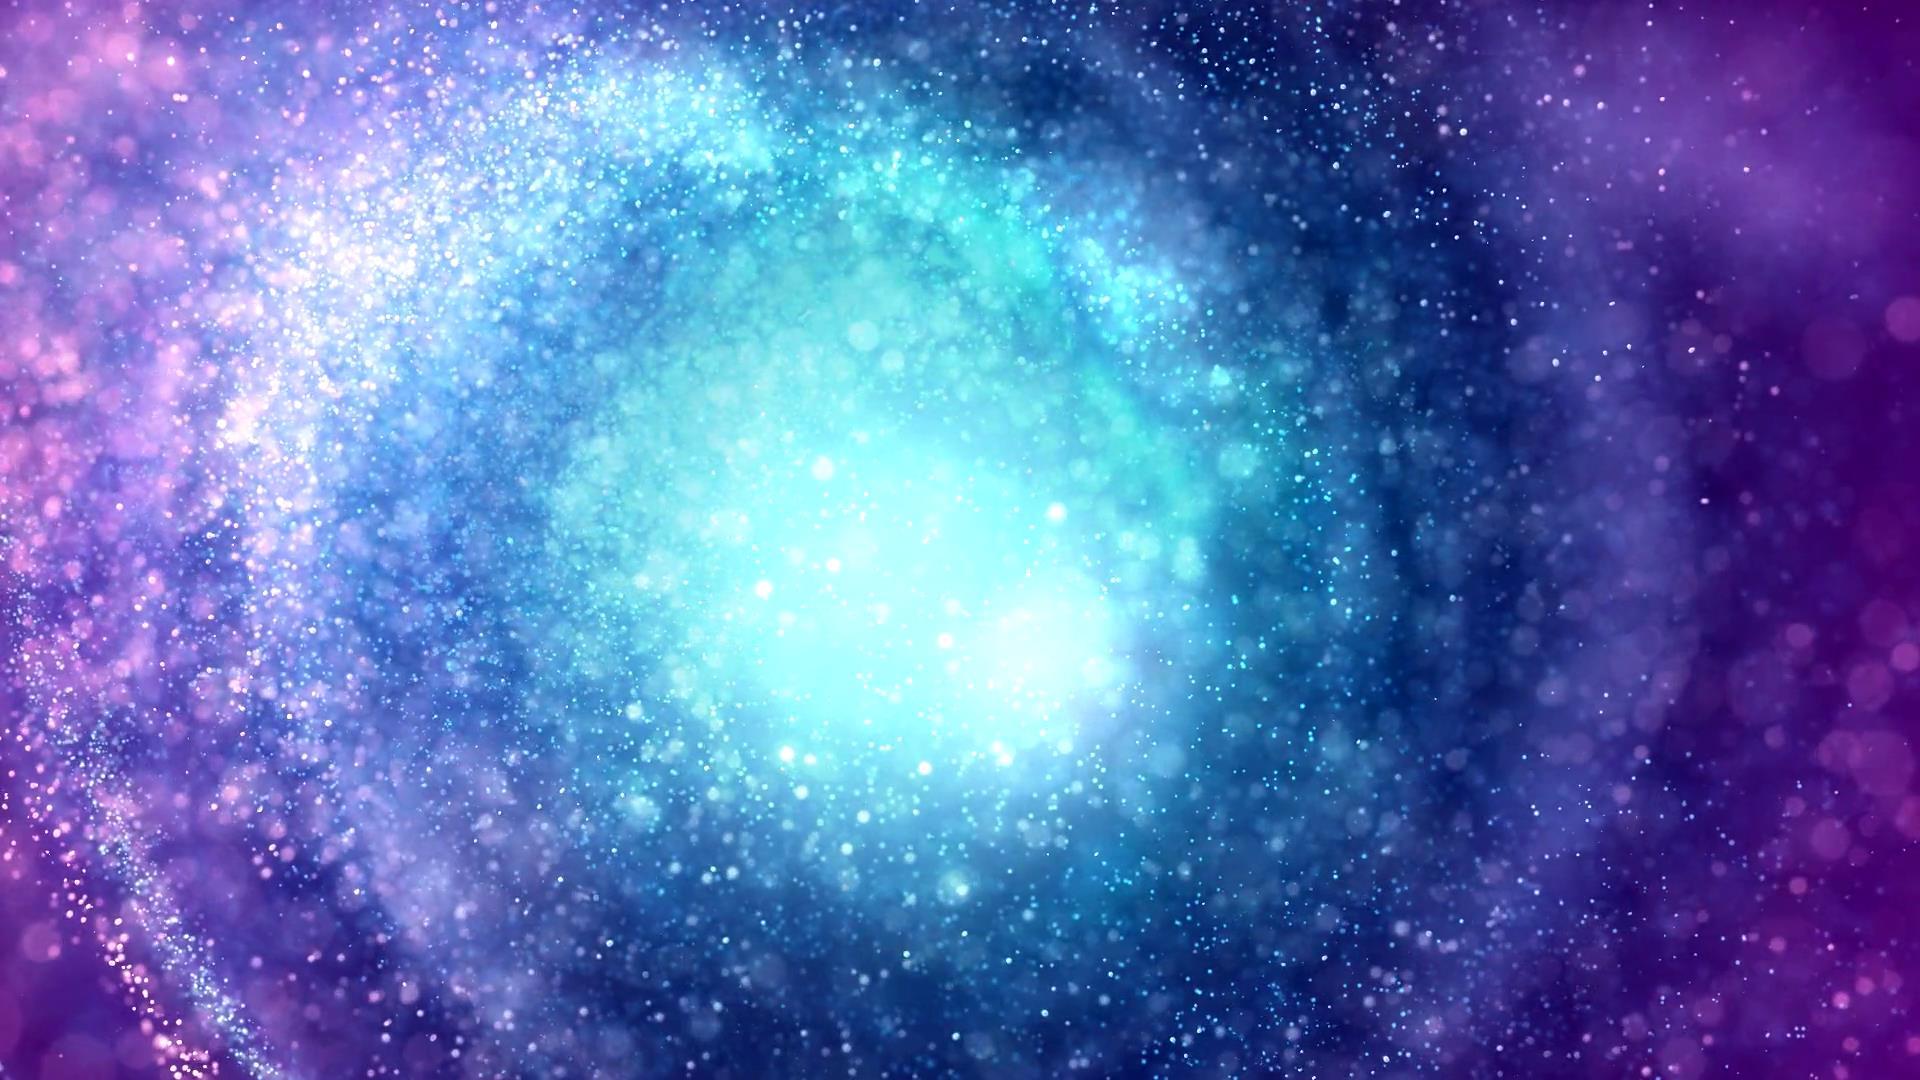 唯美银河系粒子星云特效-背景视频-92素材网_ae模板